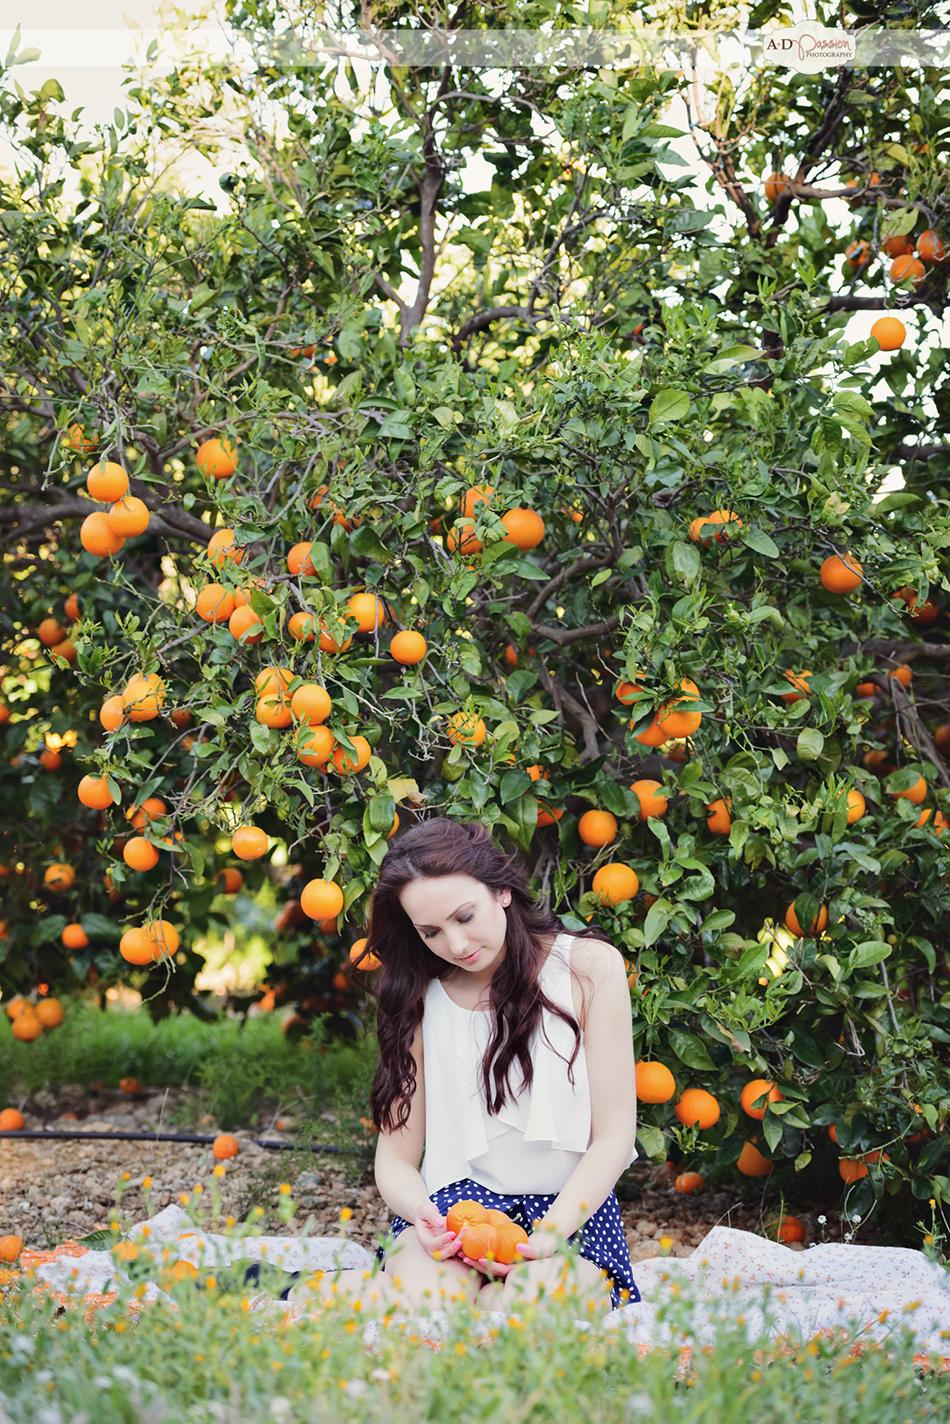 AD Passion Photography | fotograf-profesionist-sesiune-foto-in-livada-de-portocali_anca-si-flavius_0001 | Adelin, Dida, fotograf profesionist, fotograf de nunta, fotografie de nunta, fotograf Timisoara, fotograf Craiova, fotograf Bucuresti, fotograf Arad, nunta Timisoara, nunta Arad, nunta Bucuresti, nunta Craiova